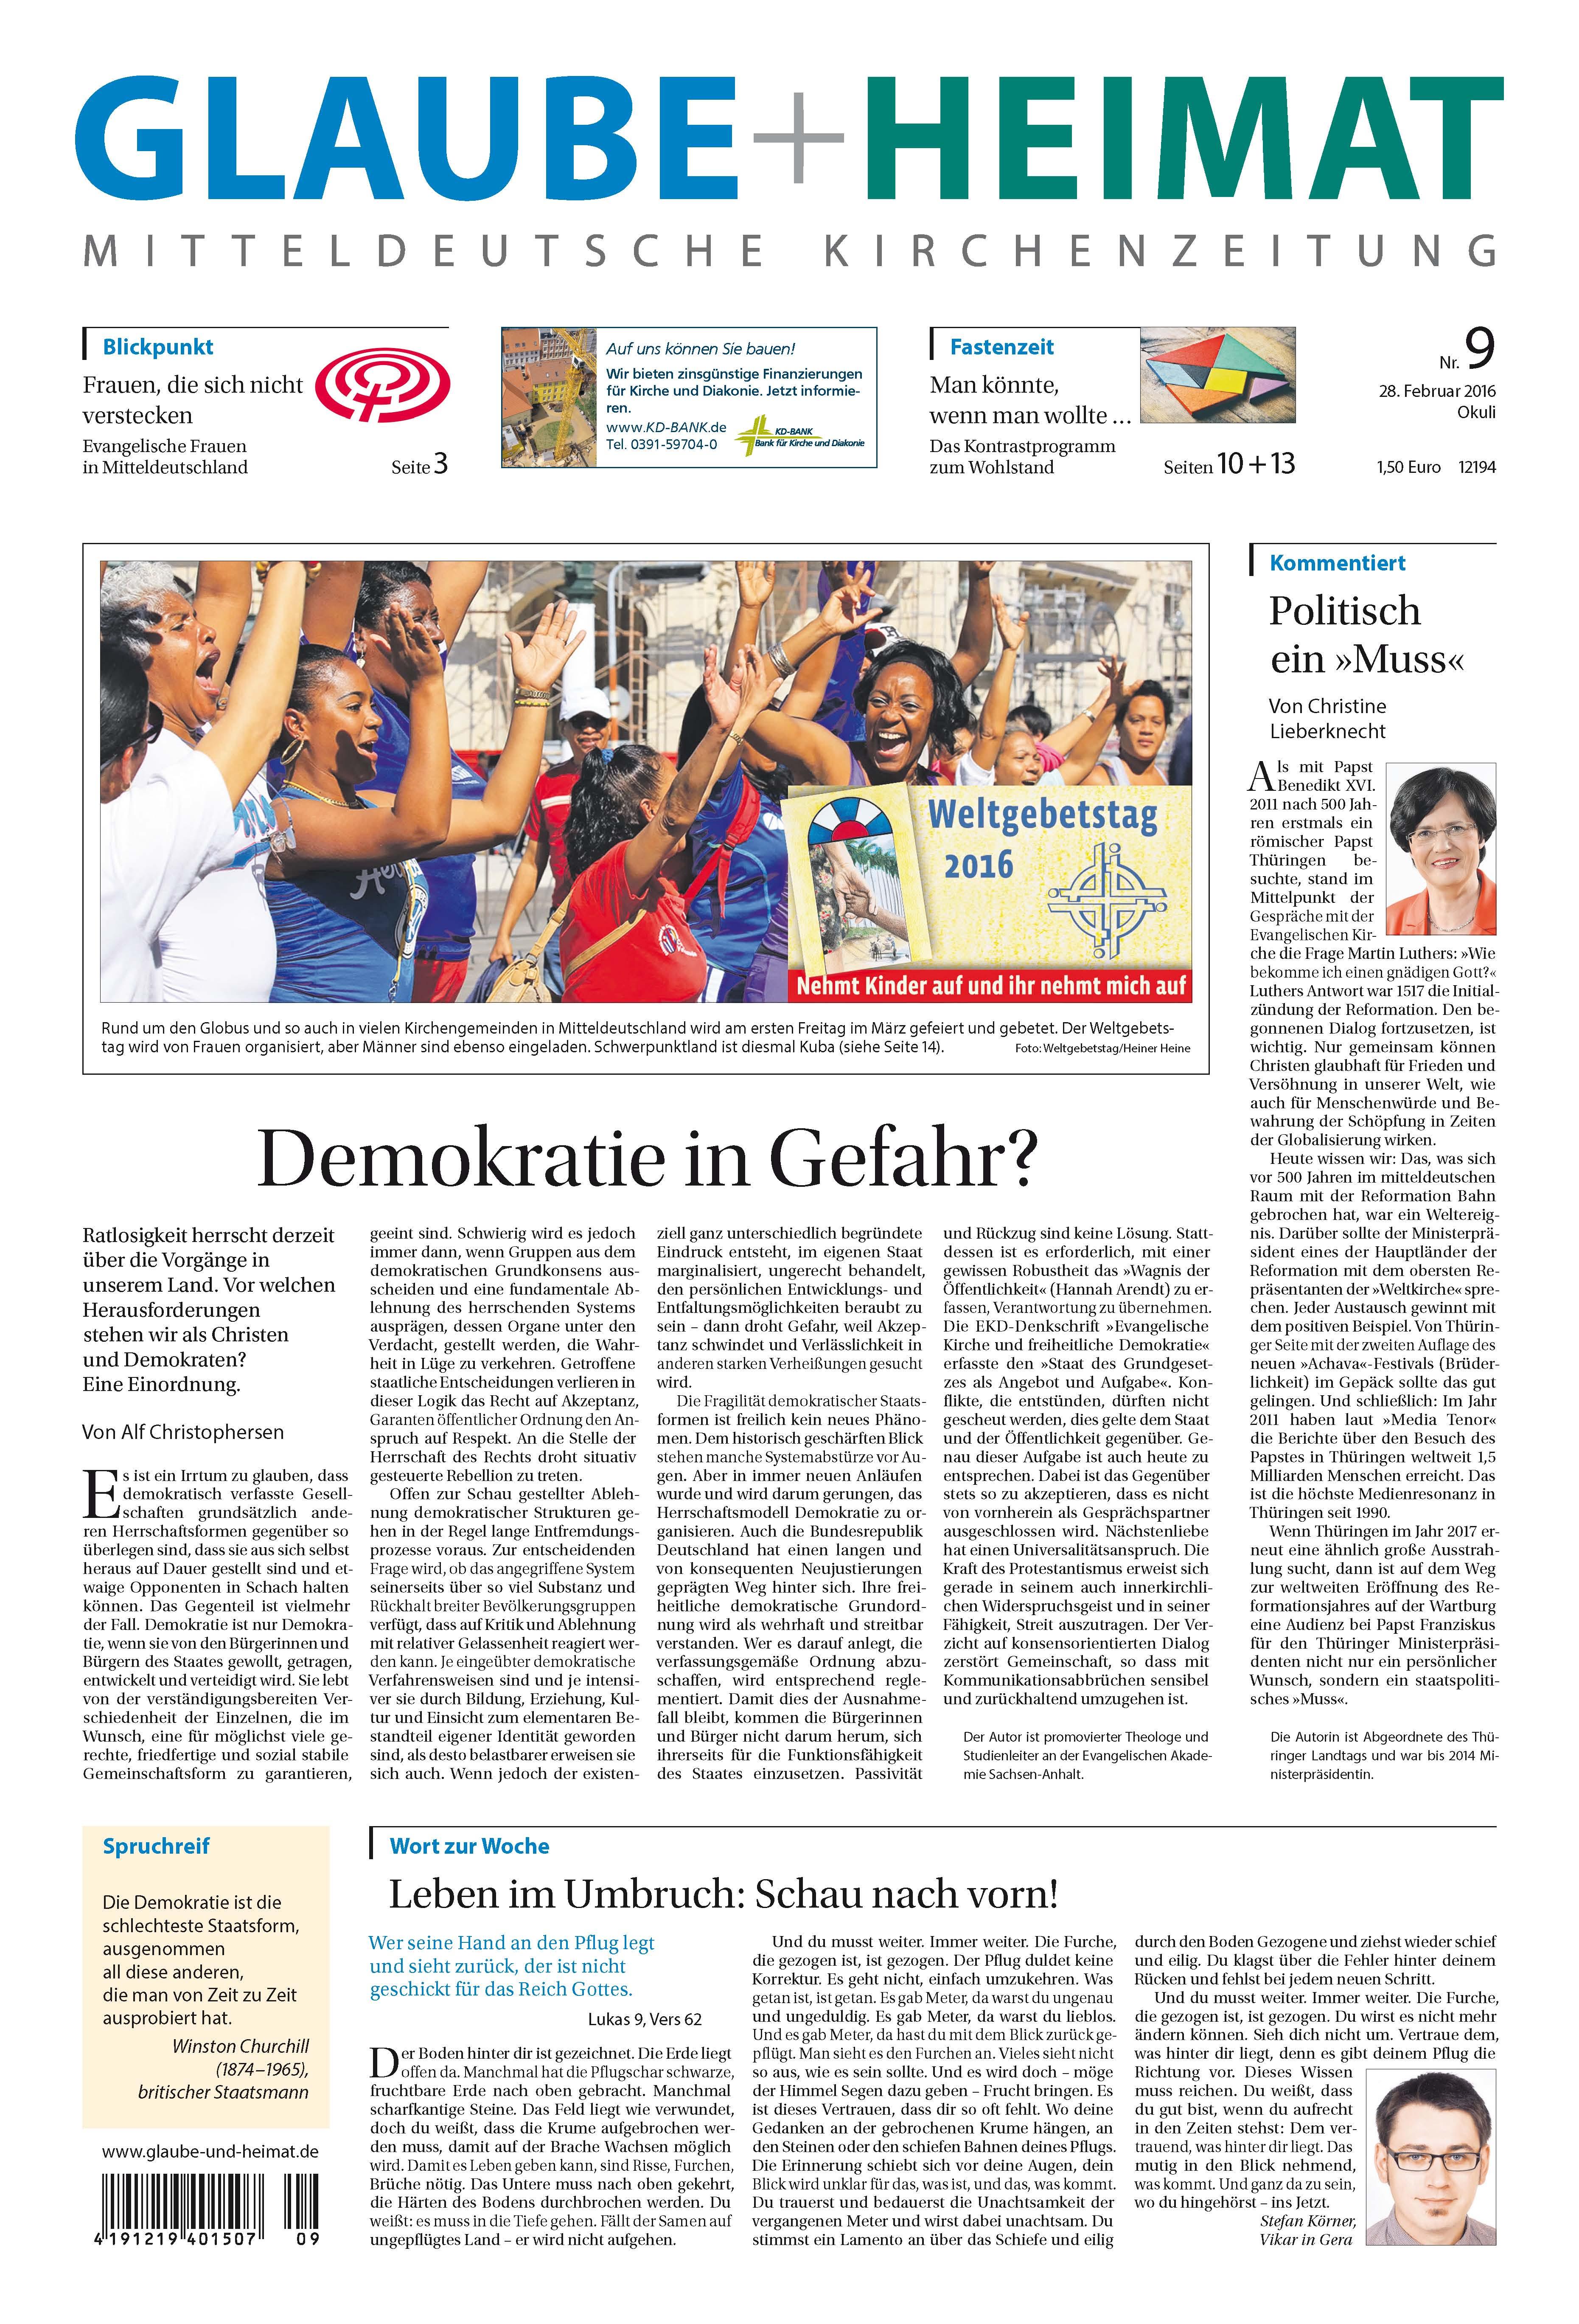 Glaube und Heimat - Leseprobe, die Evangelische Kirchenzeitung für Mitteldeutschland